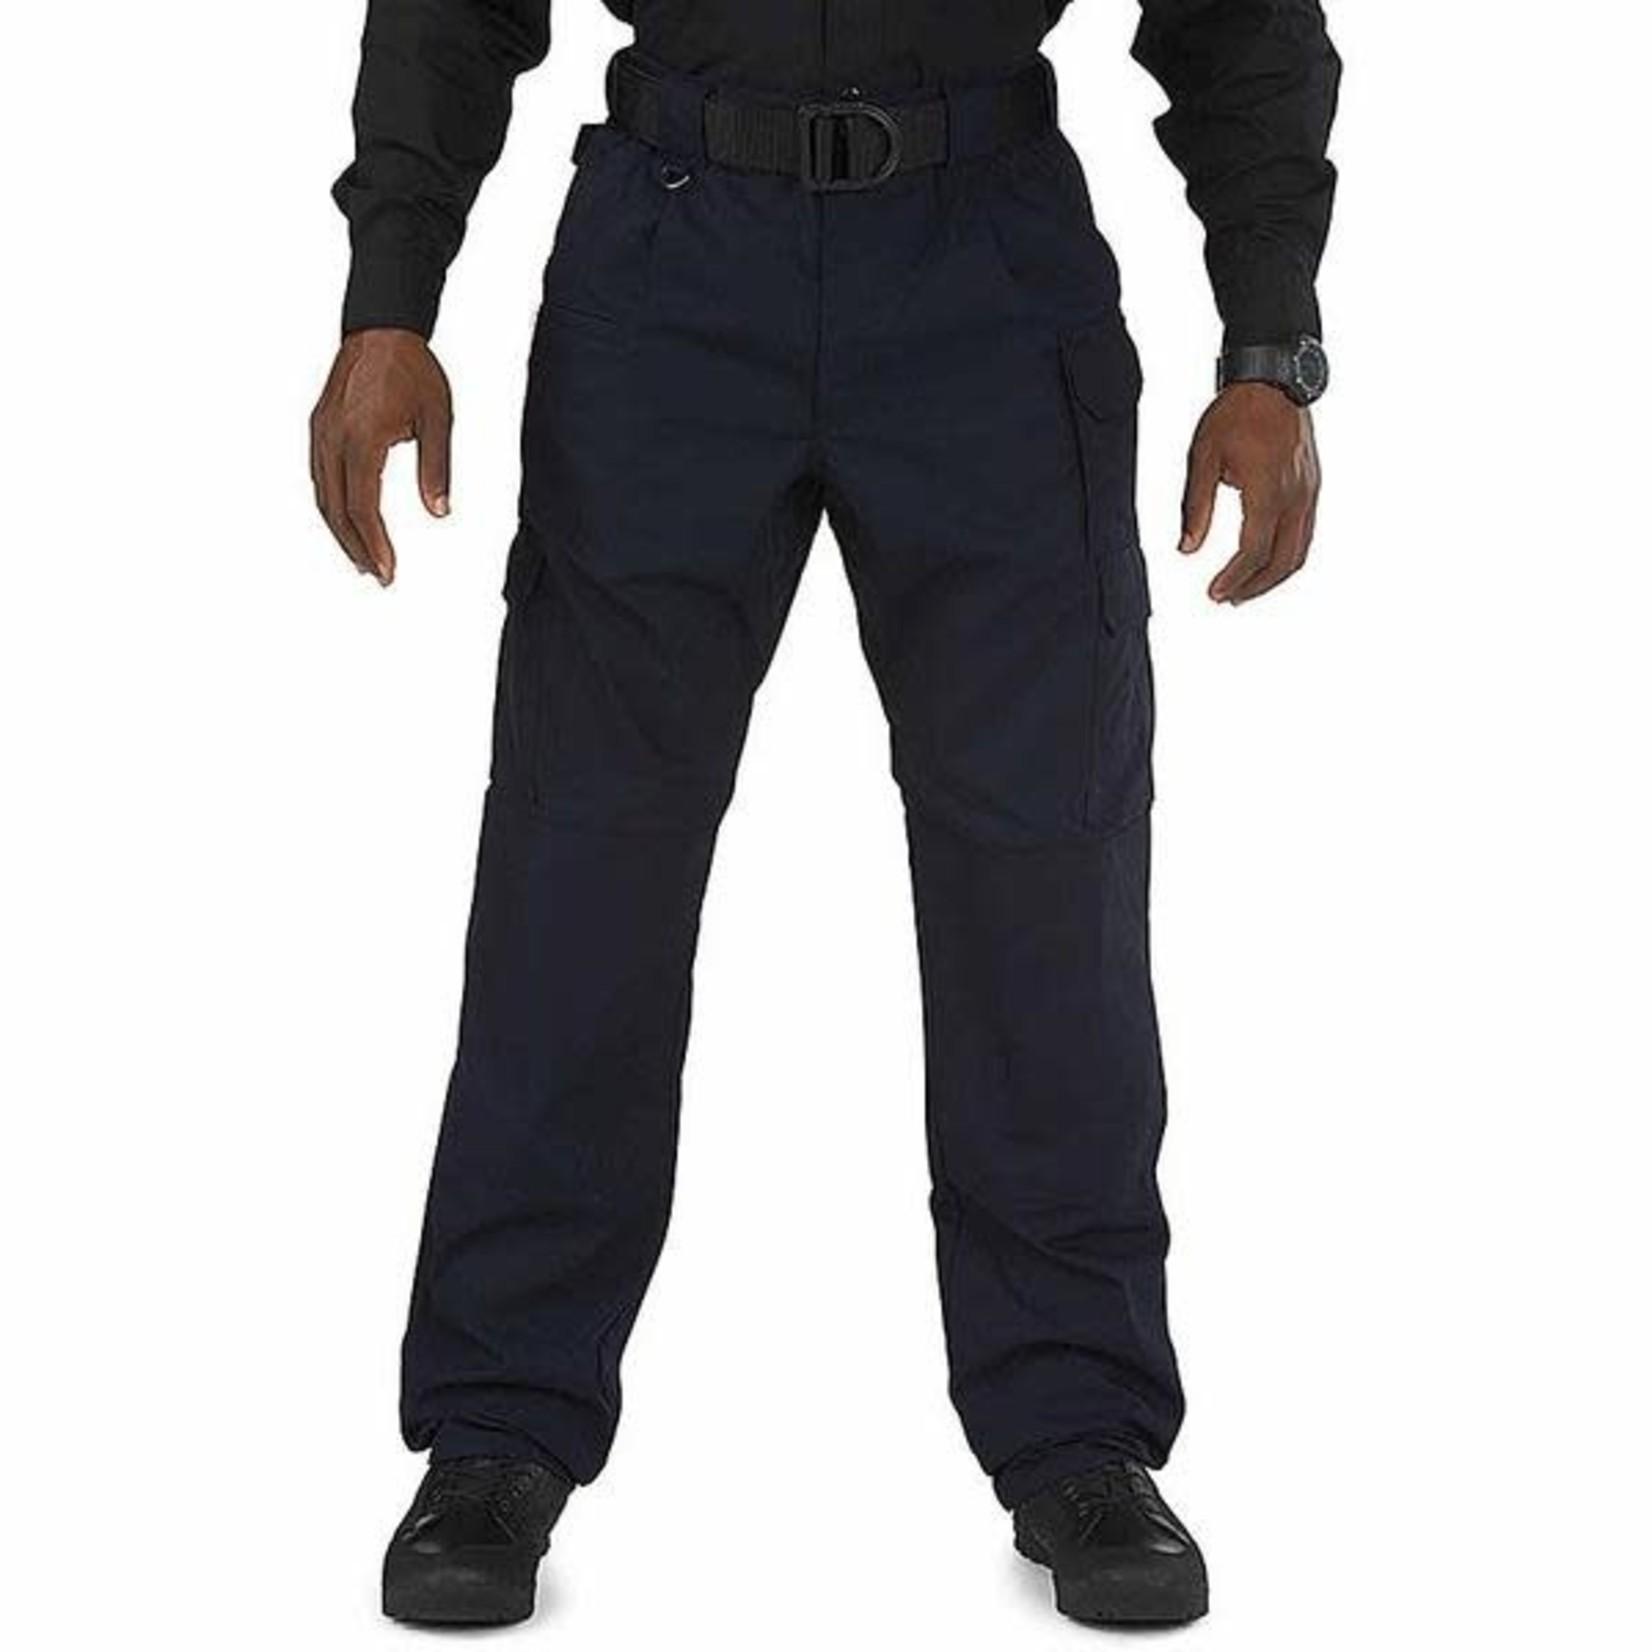 5.11 Tactical 5.11 Men's Taclite Pro Pants